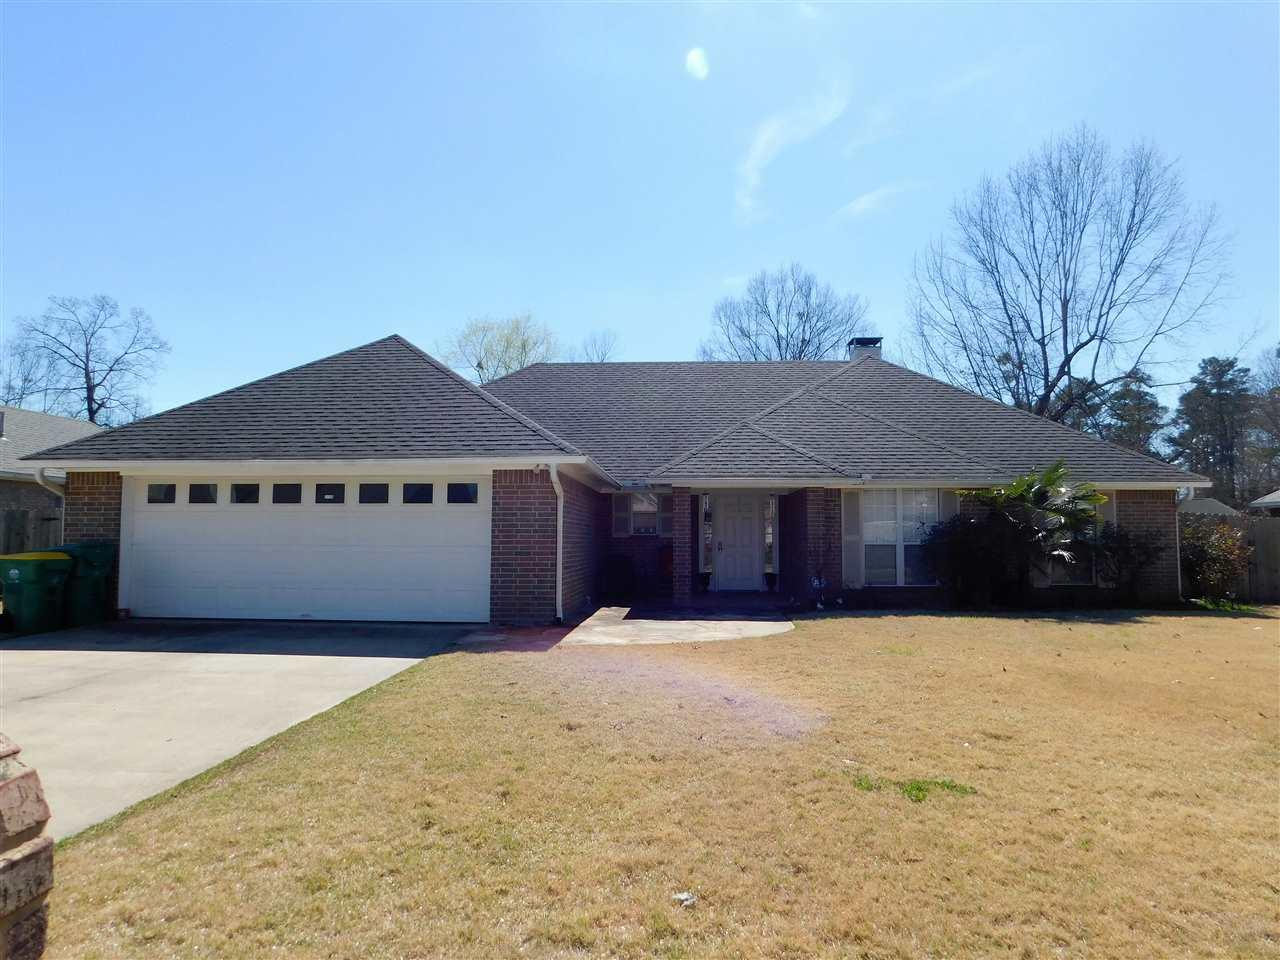 2905 Bethany, Texarkana, TX, 75503 Primary Photo